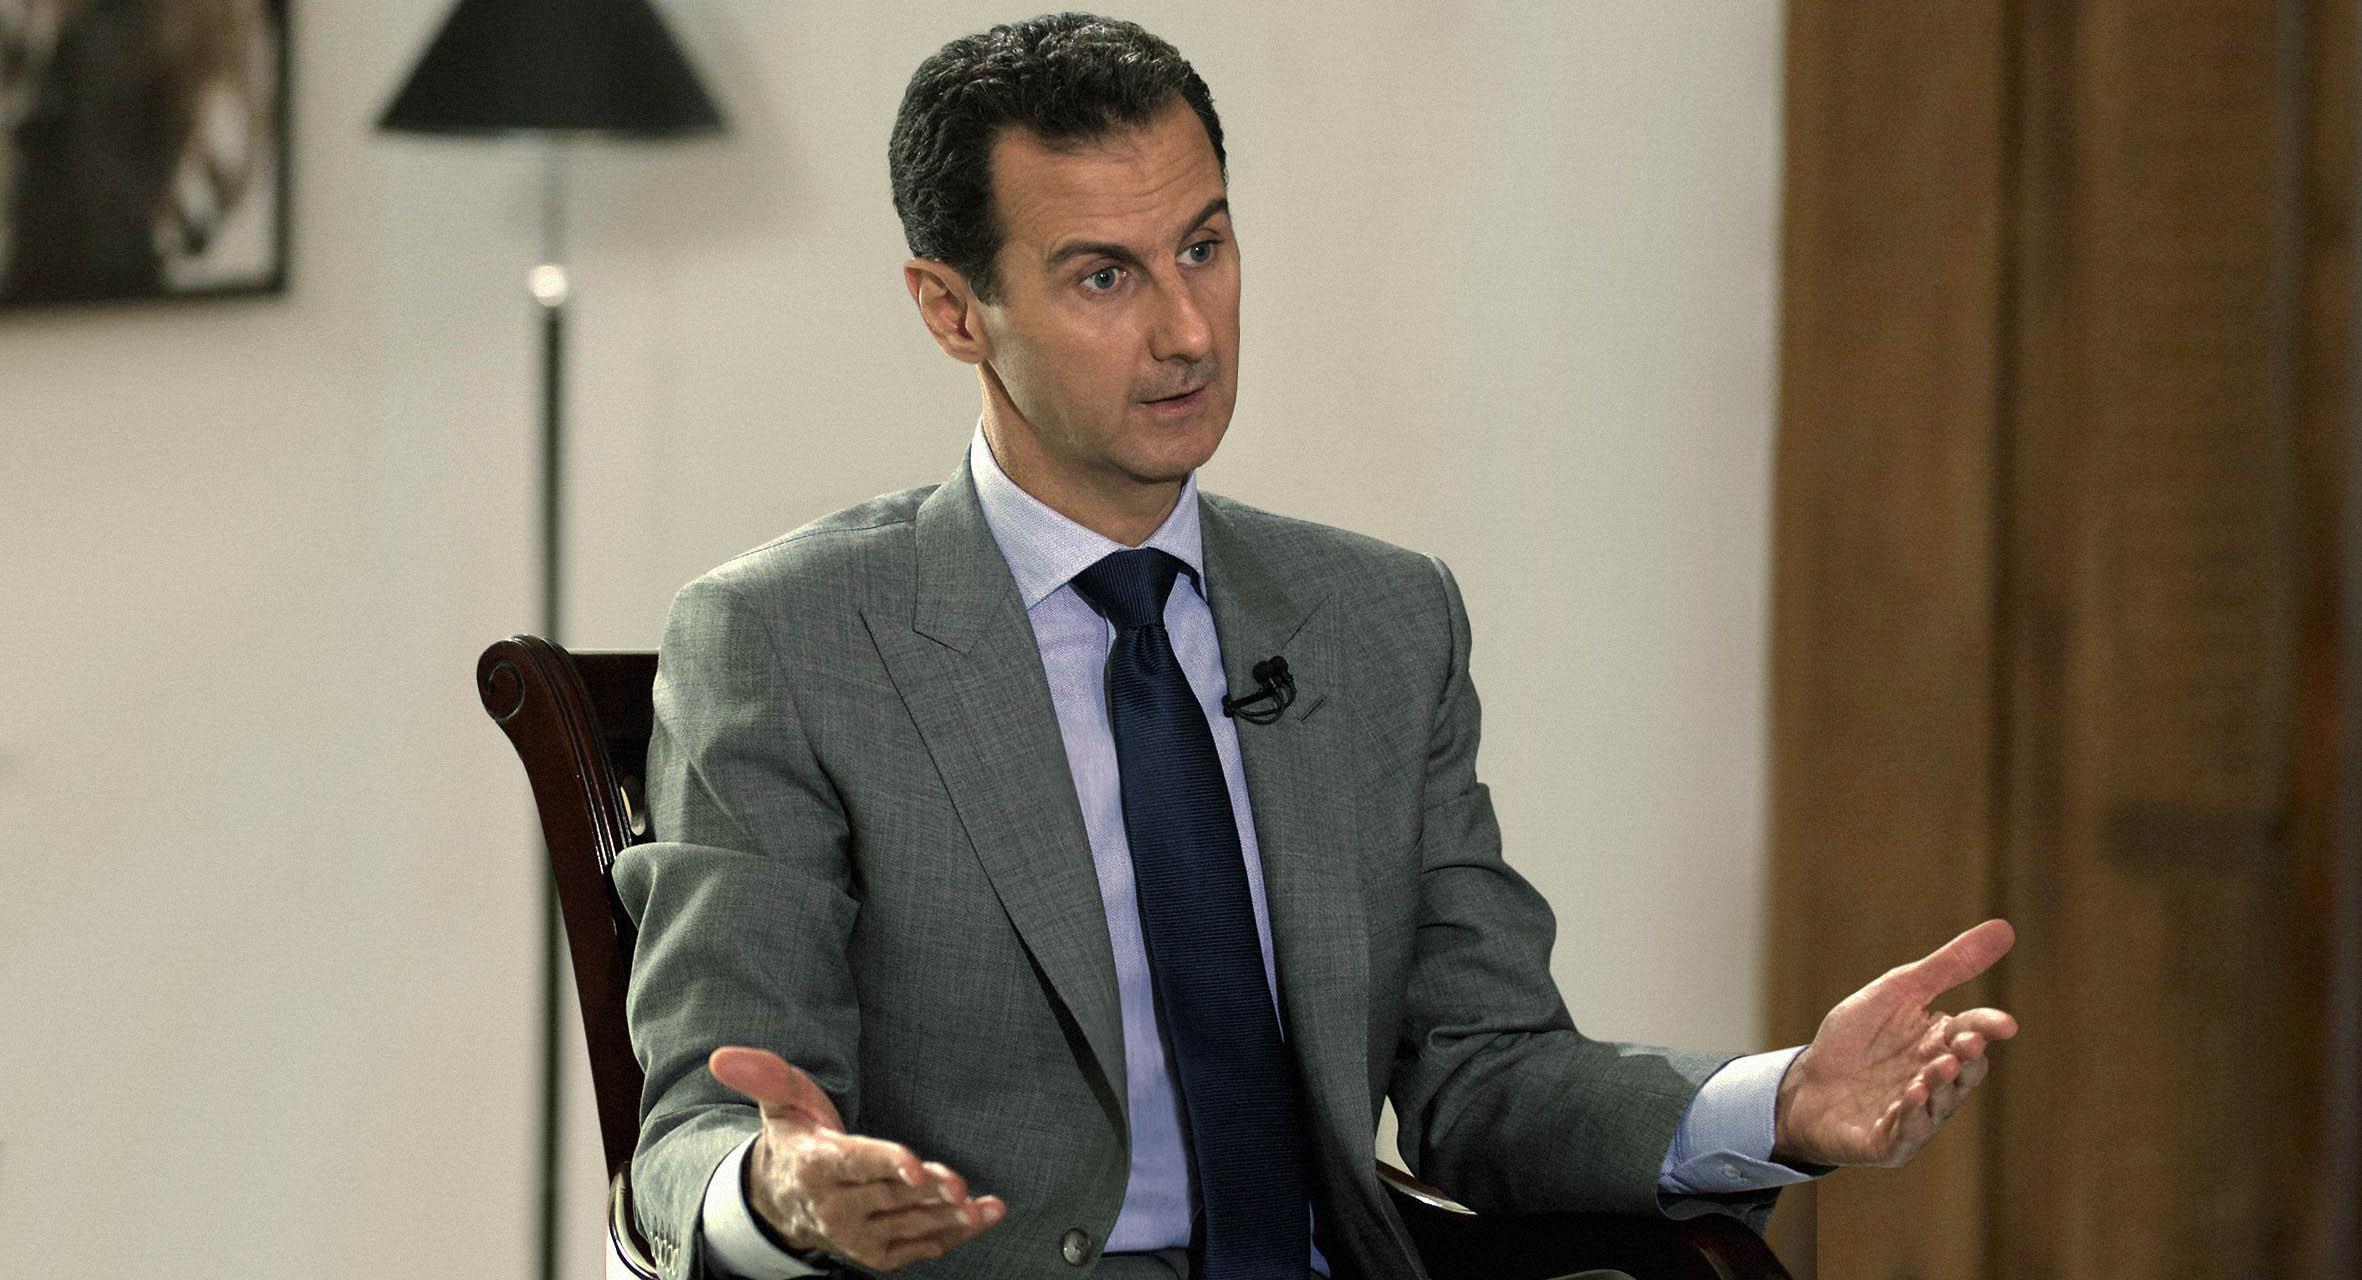 صورة الأسد يدعو لوقف تداول أخبار الليرة حتى لا يشعر الشعب بالفقر